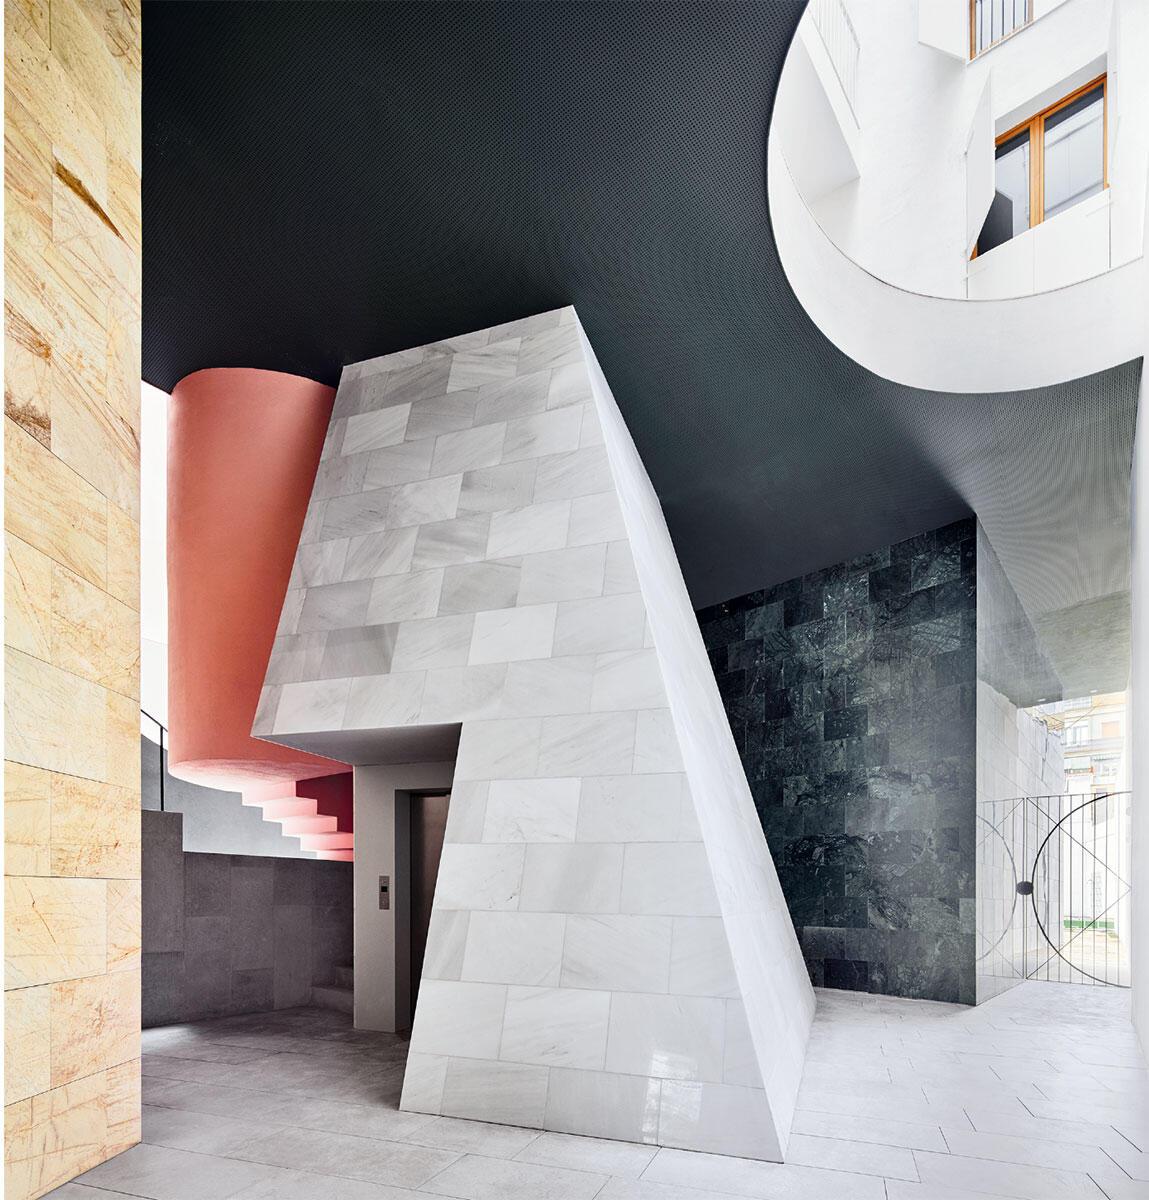 Die Eingangshalle ist ein Weg der Verwandlung. Zwischen den kostbar verkleideten geometrischen Figuren entspinnt sich ein Spiel von Licht, Farben und Raum. Bild: José Hevia